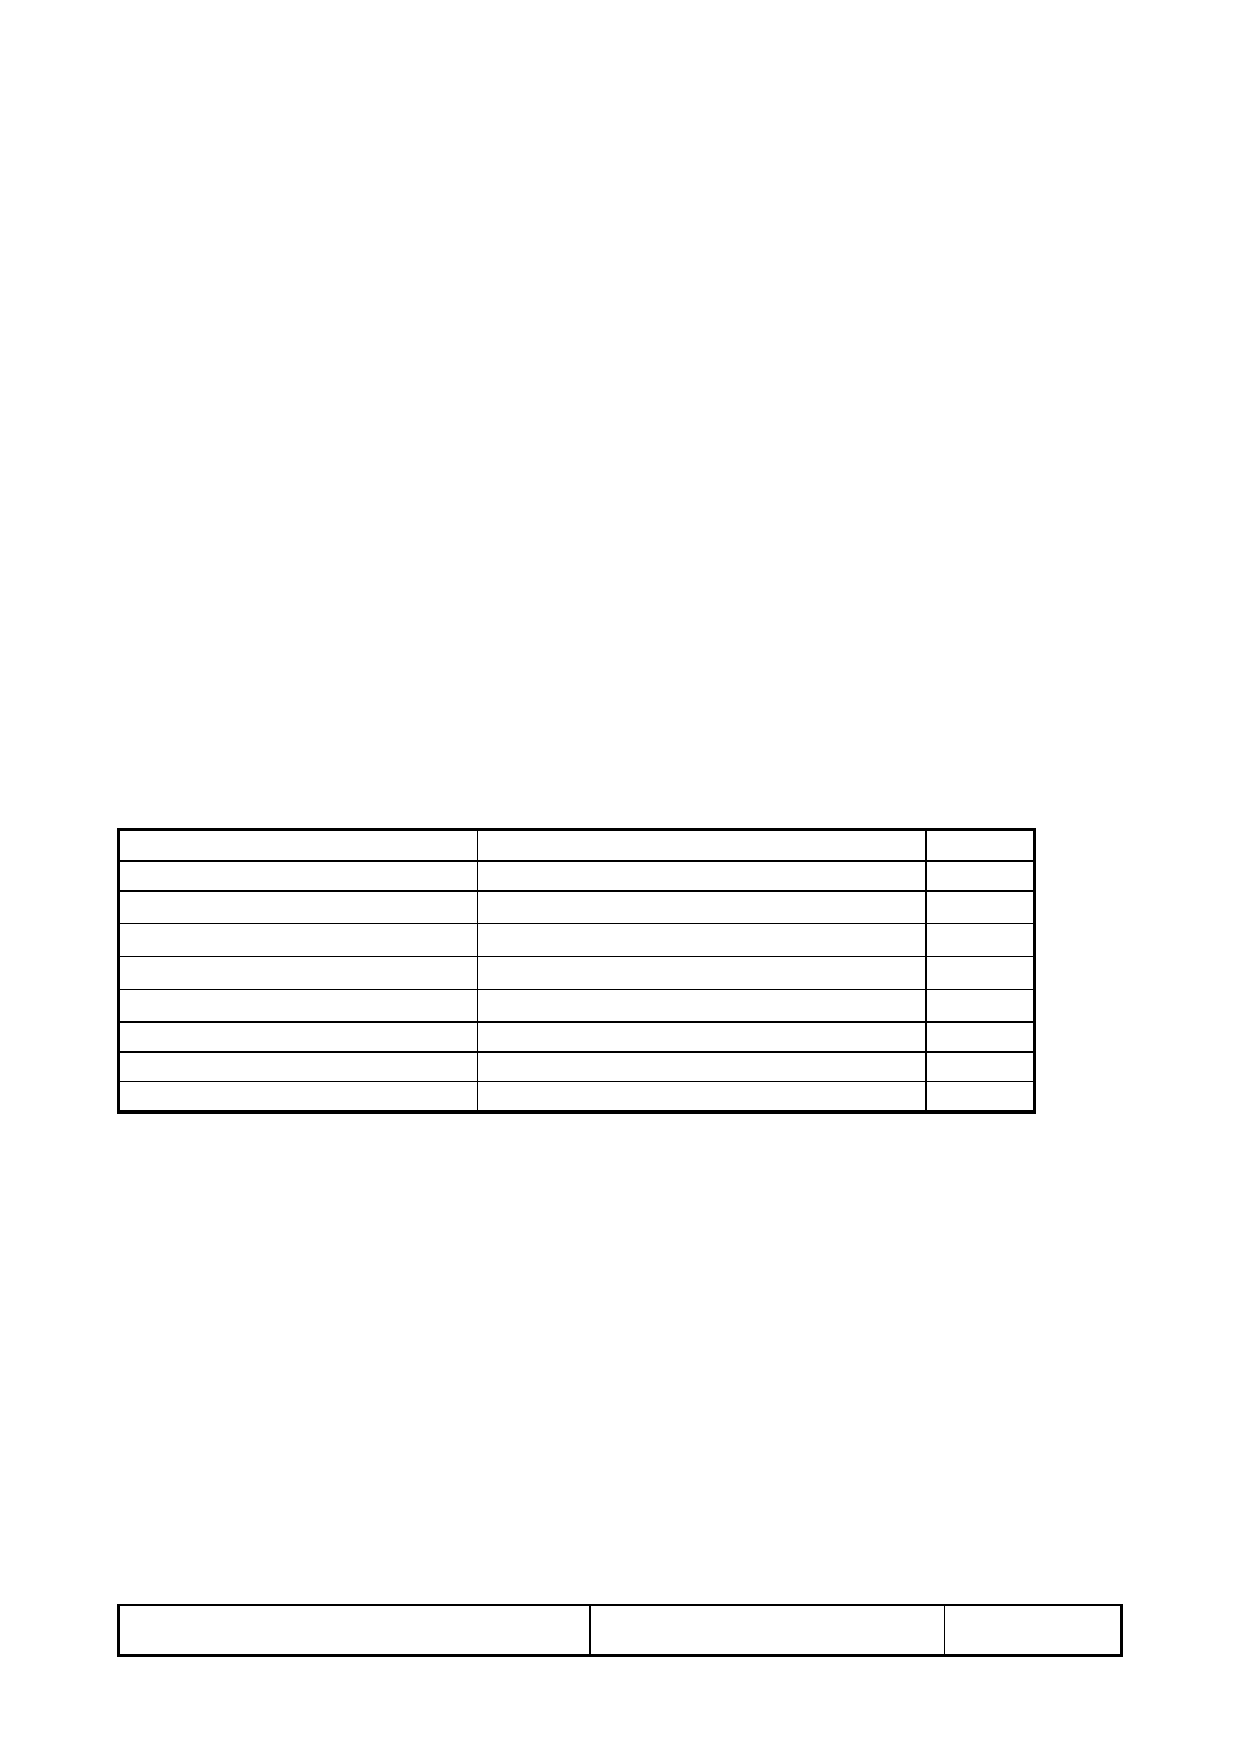 T-51382D064J-FW-P-AA Даташит, Описание, Даташиты